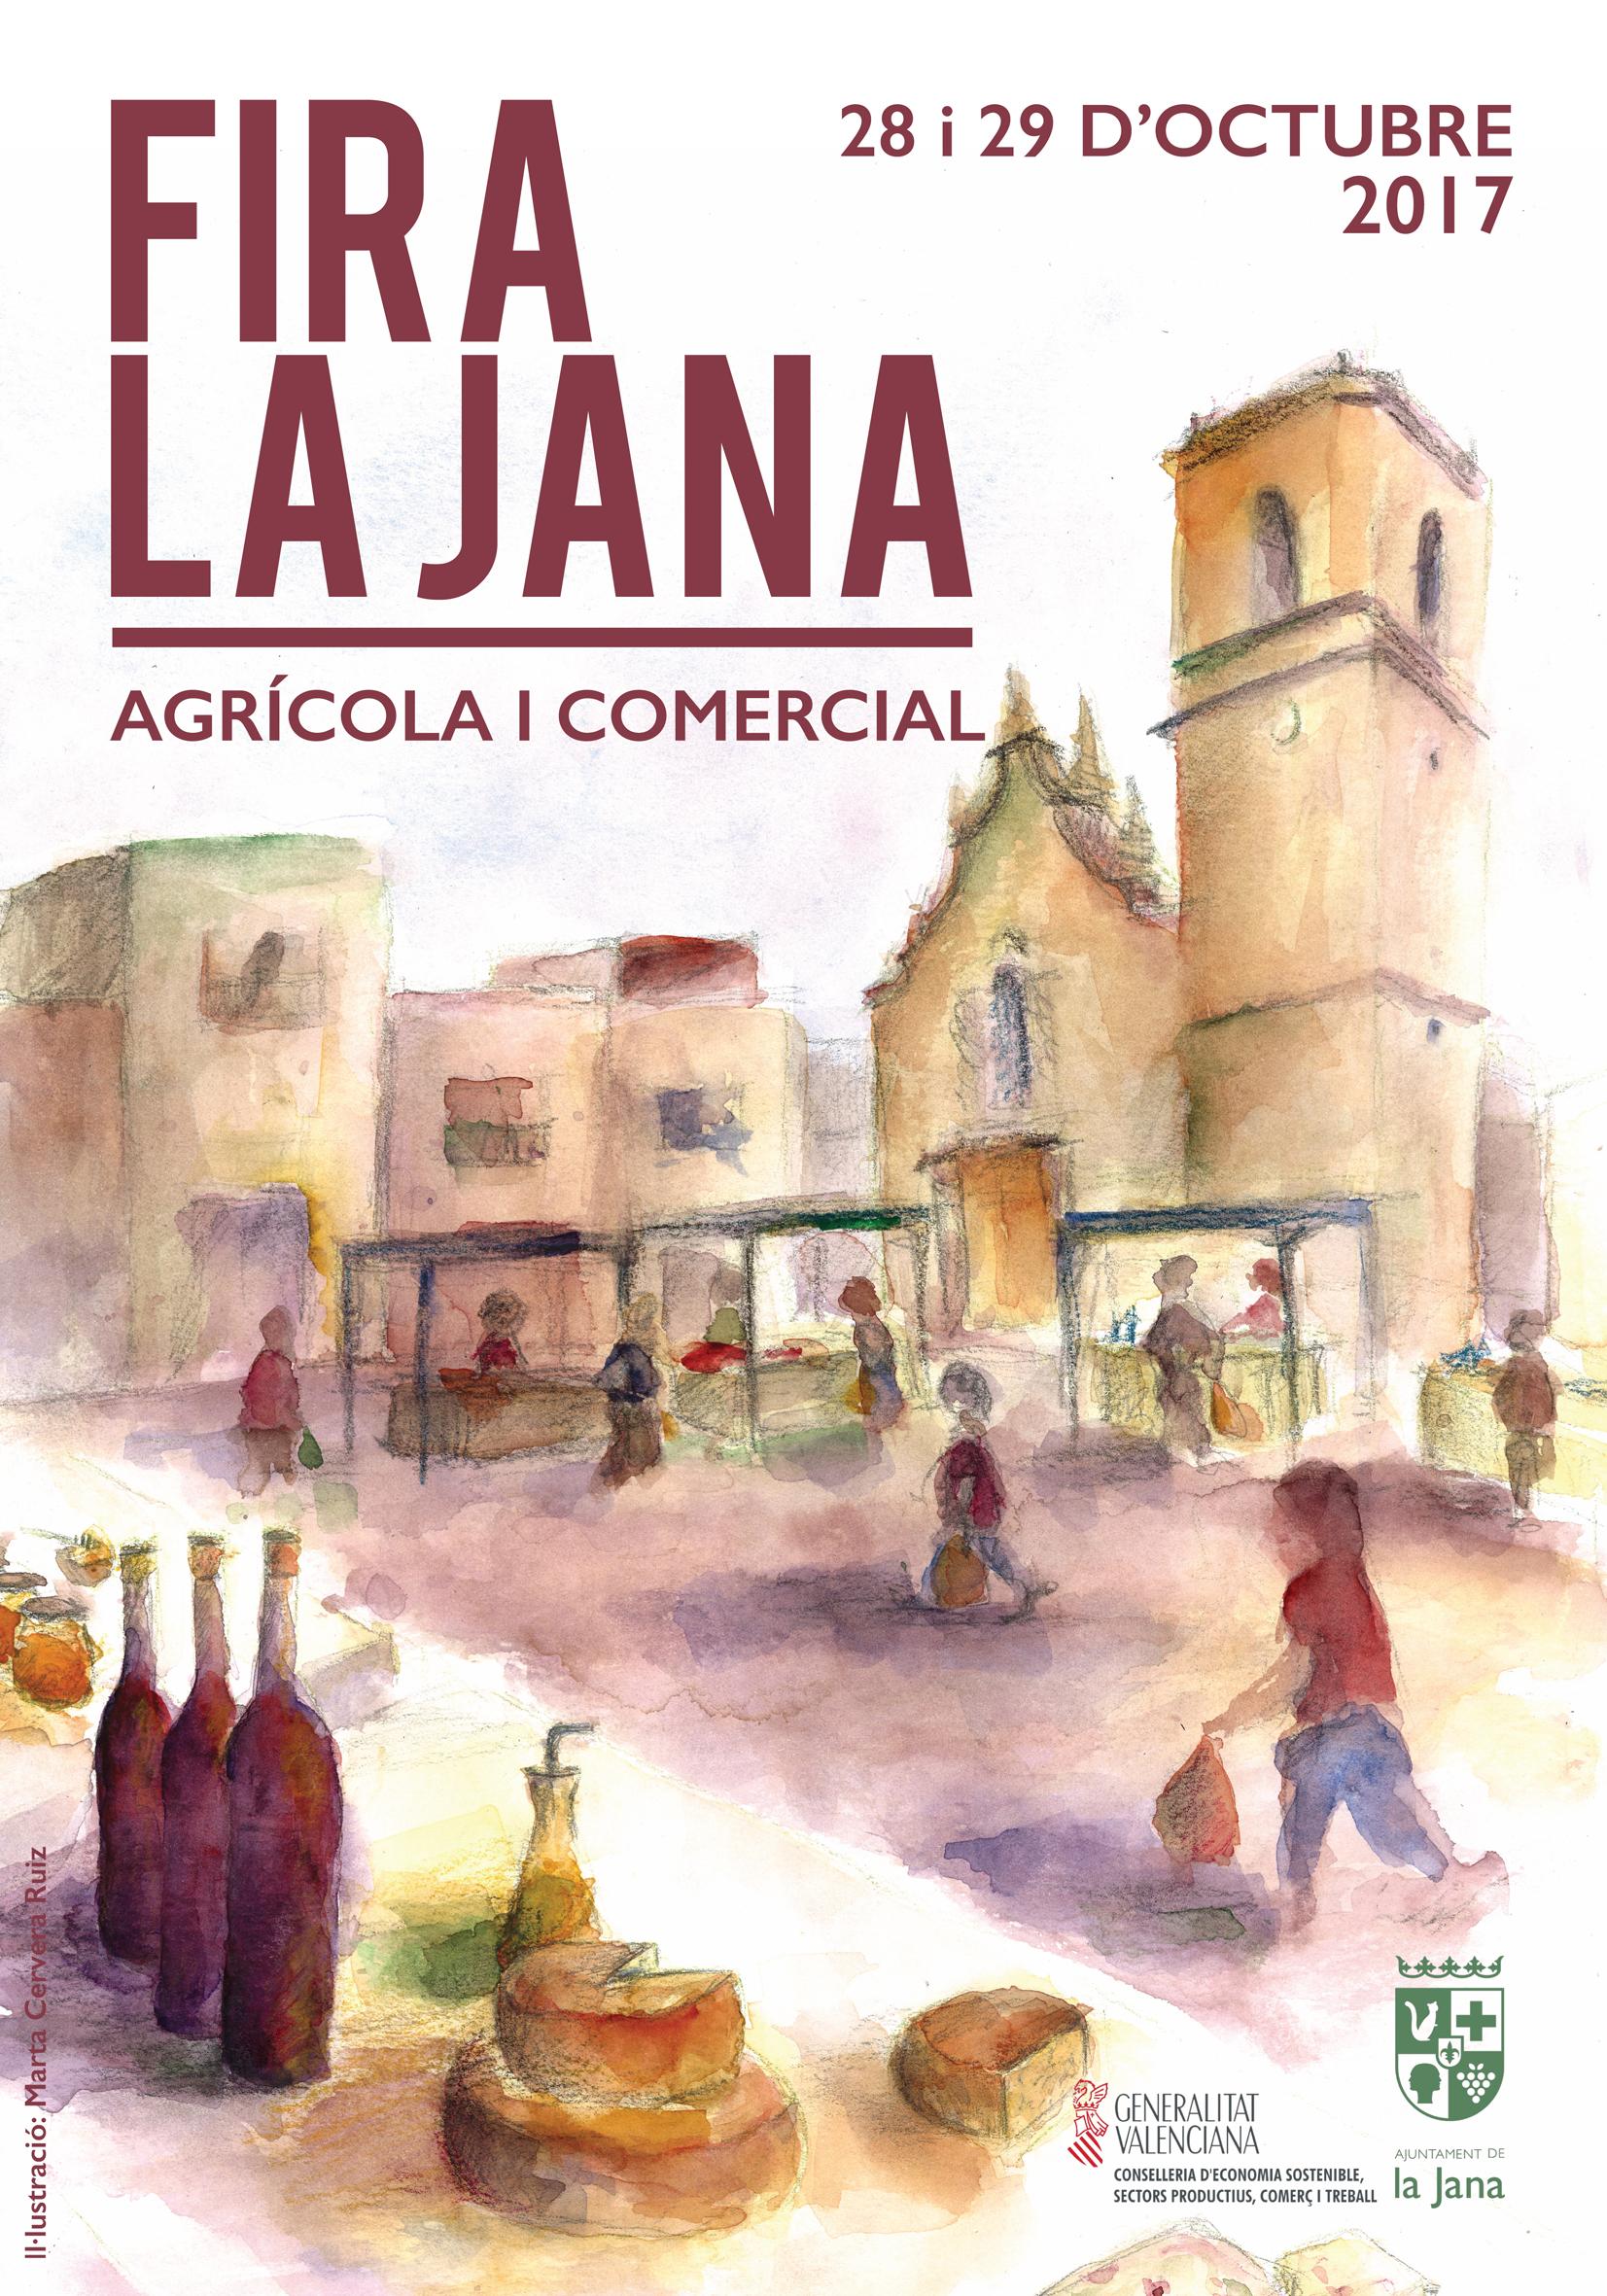 La Jana celebrarà aquest cap de setmana la Fira Agrícola i Comercial